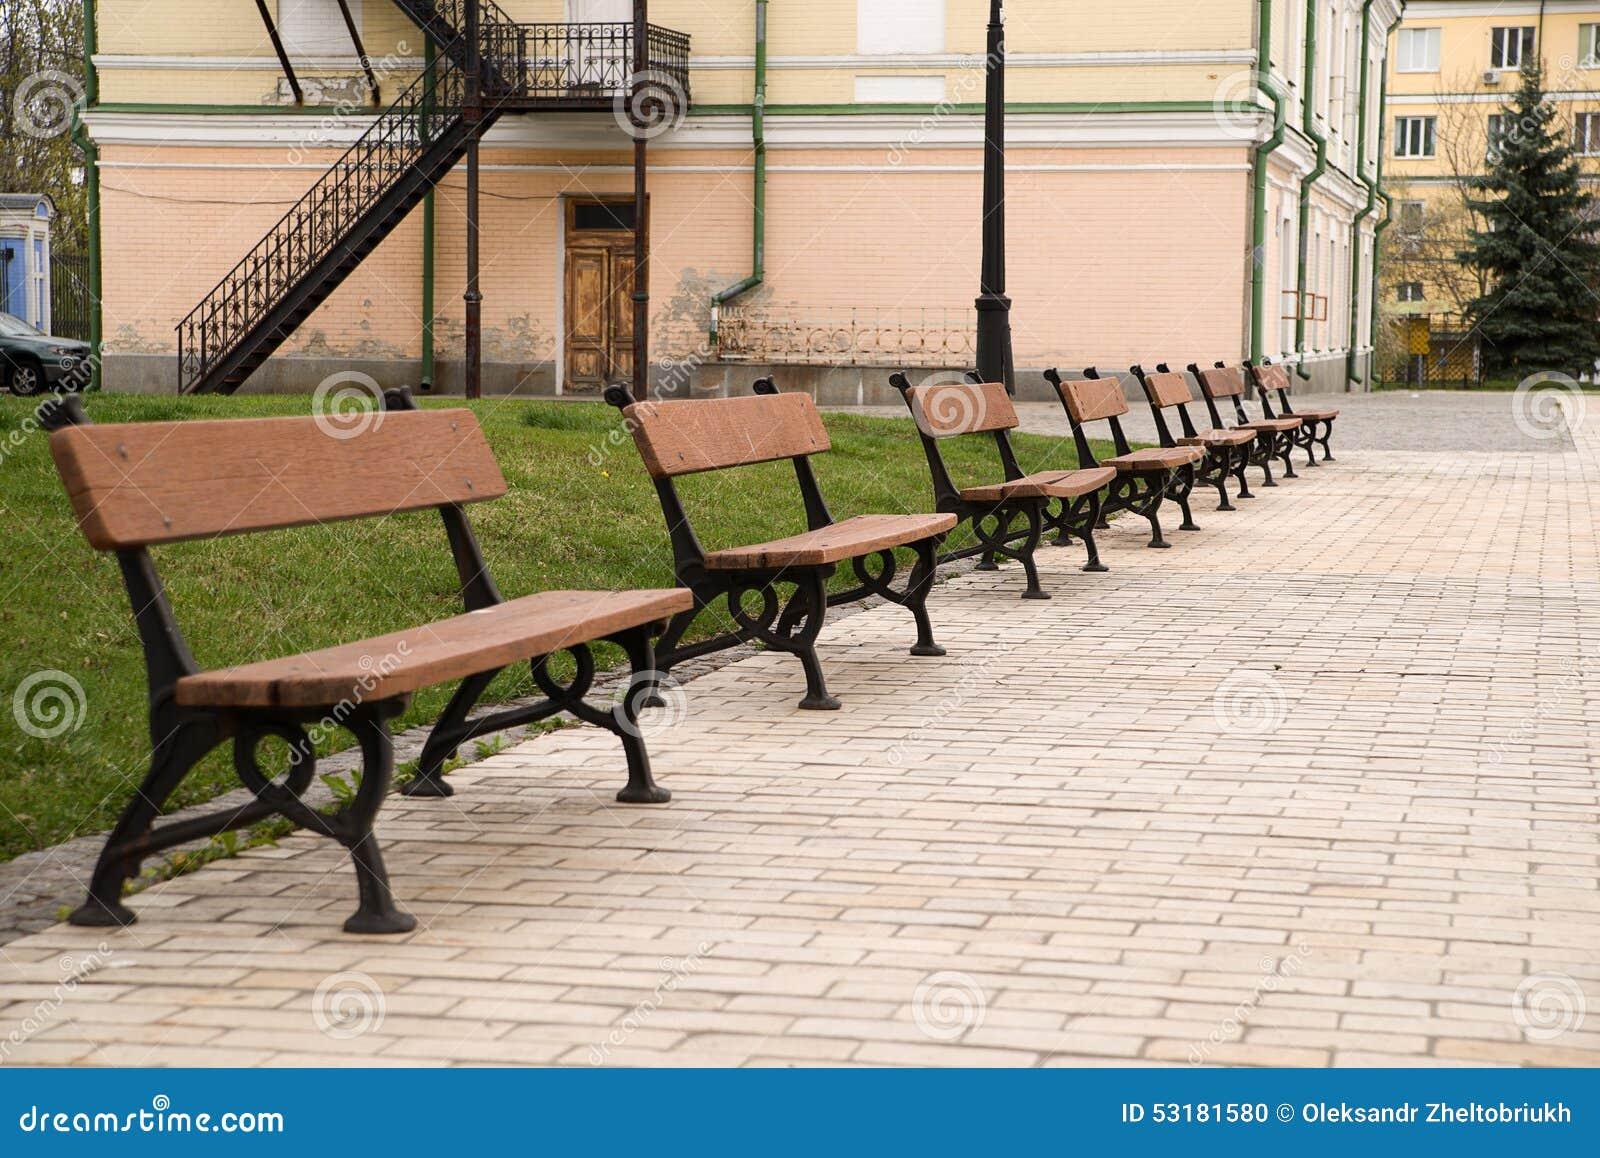 Varios Bancos Para Sentarse En Un Parque De La Ciudad Foto De  ~ Imagenes De Bancos Para Sentarse